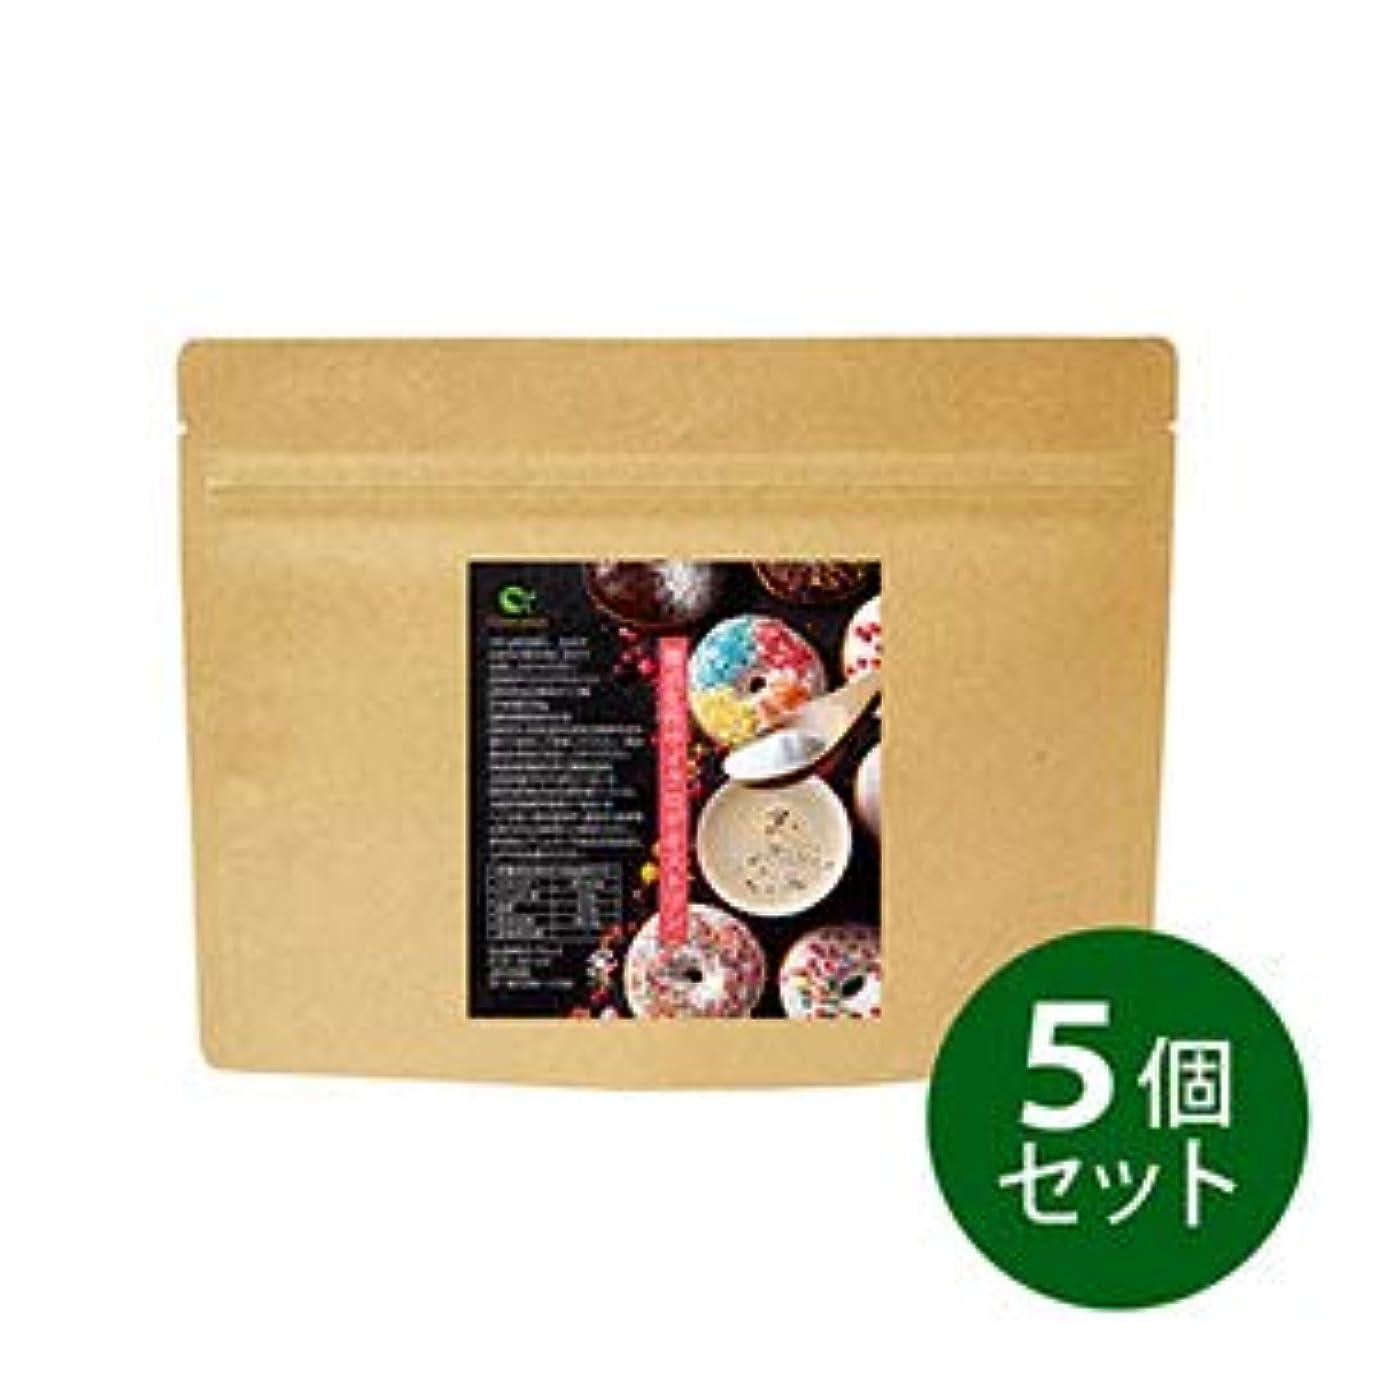 繊毛強制的感謝している北海道産 難消化性サイクロデキストリン「難消化性デキストリン」100g x 5個セット